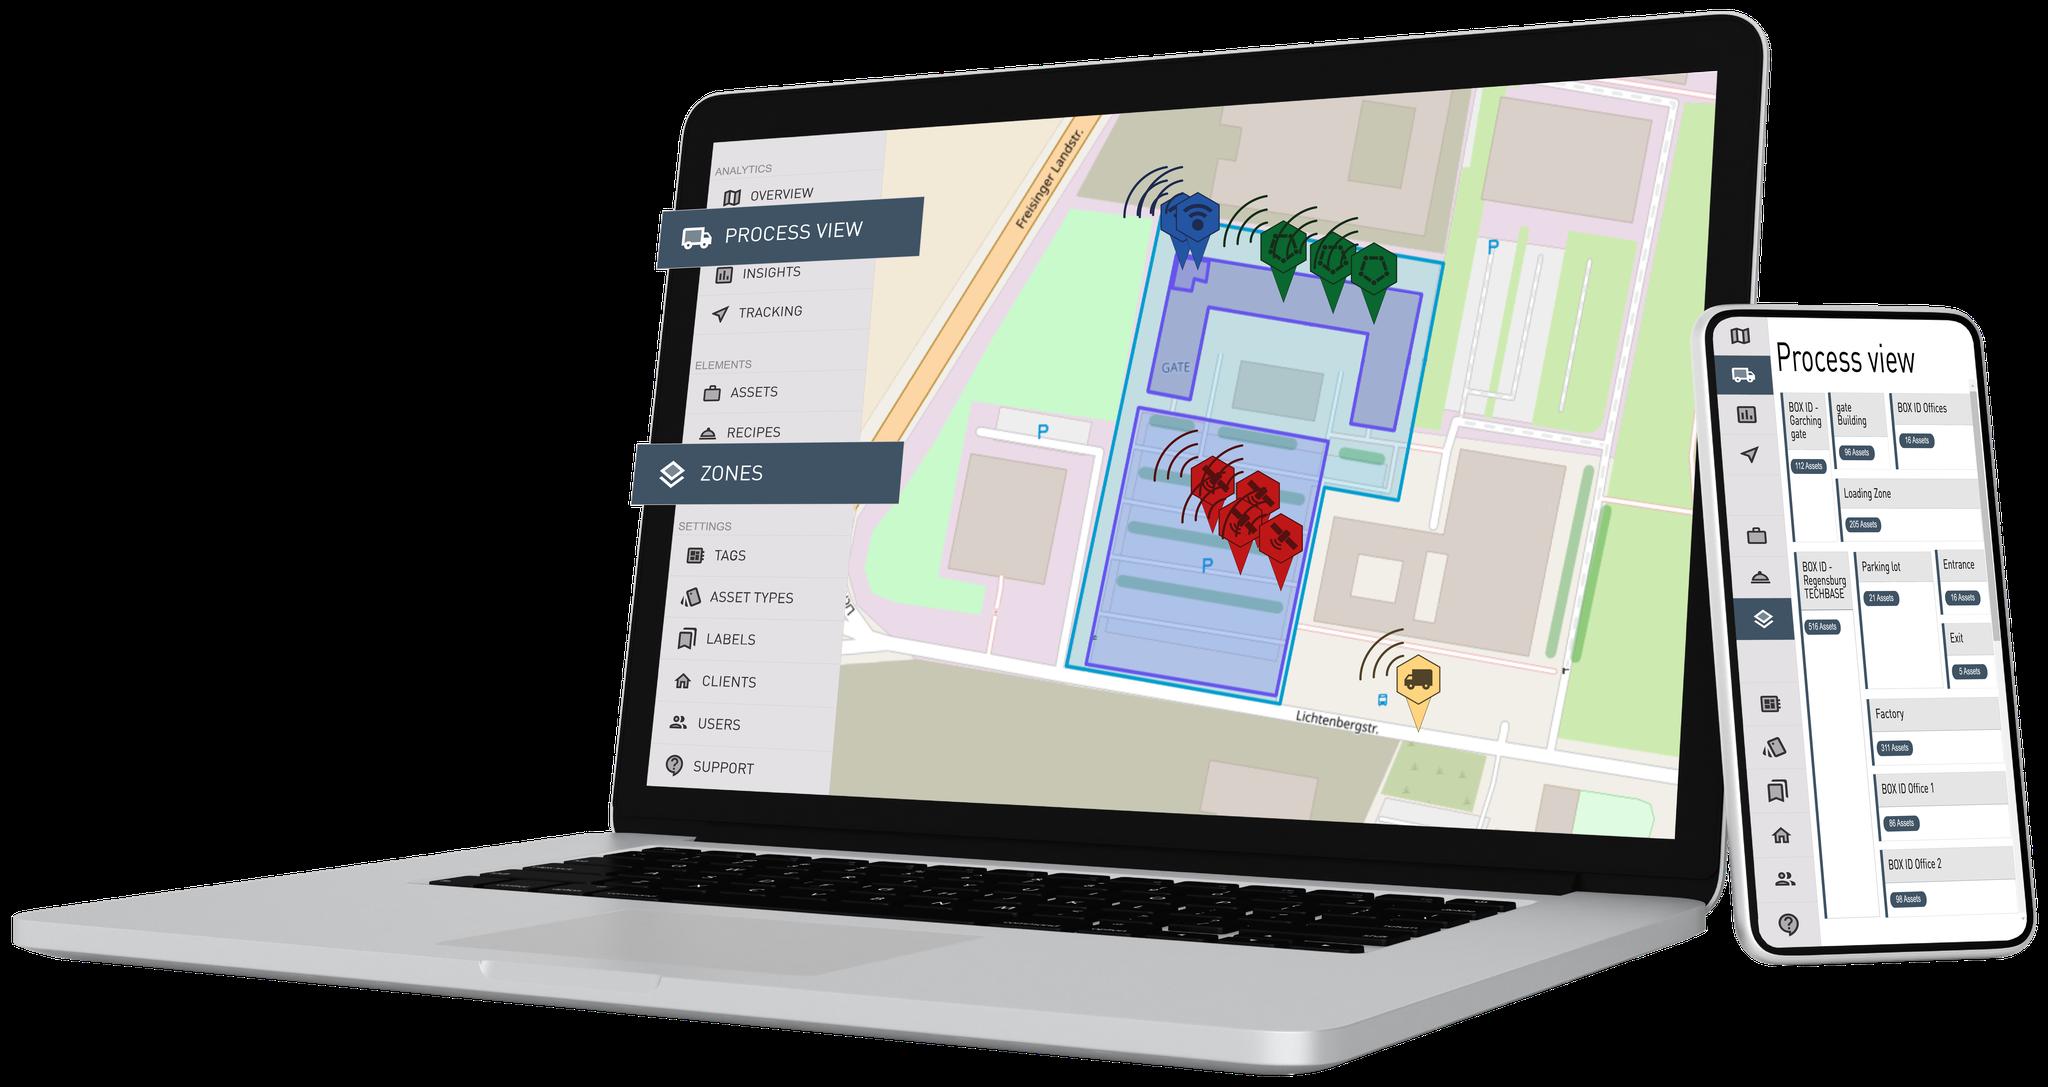 Vor-Ort-Inventur: Anzahl der Assets in jeder definierten Prozesszone (innerhalb von Gebäuden und im Freien)